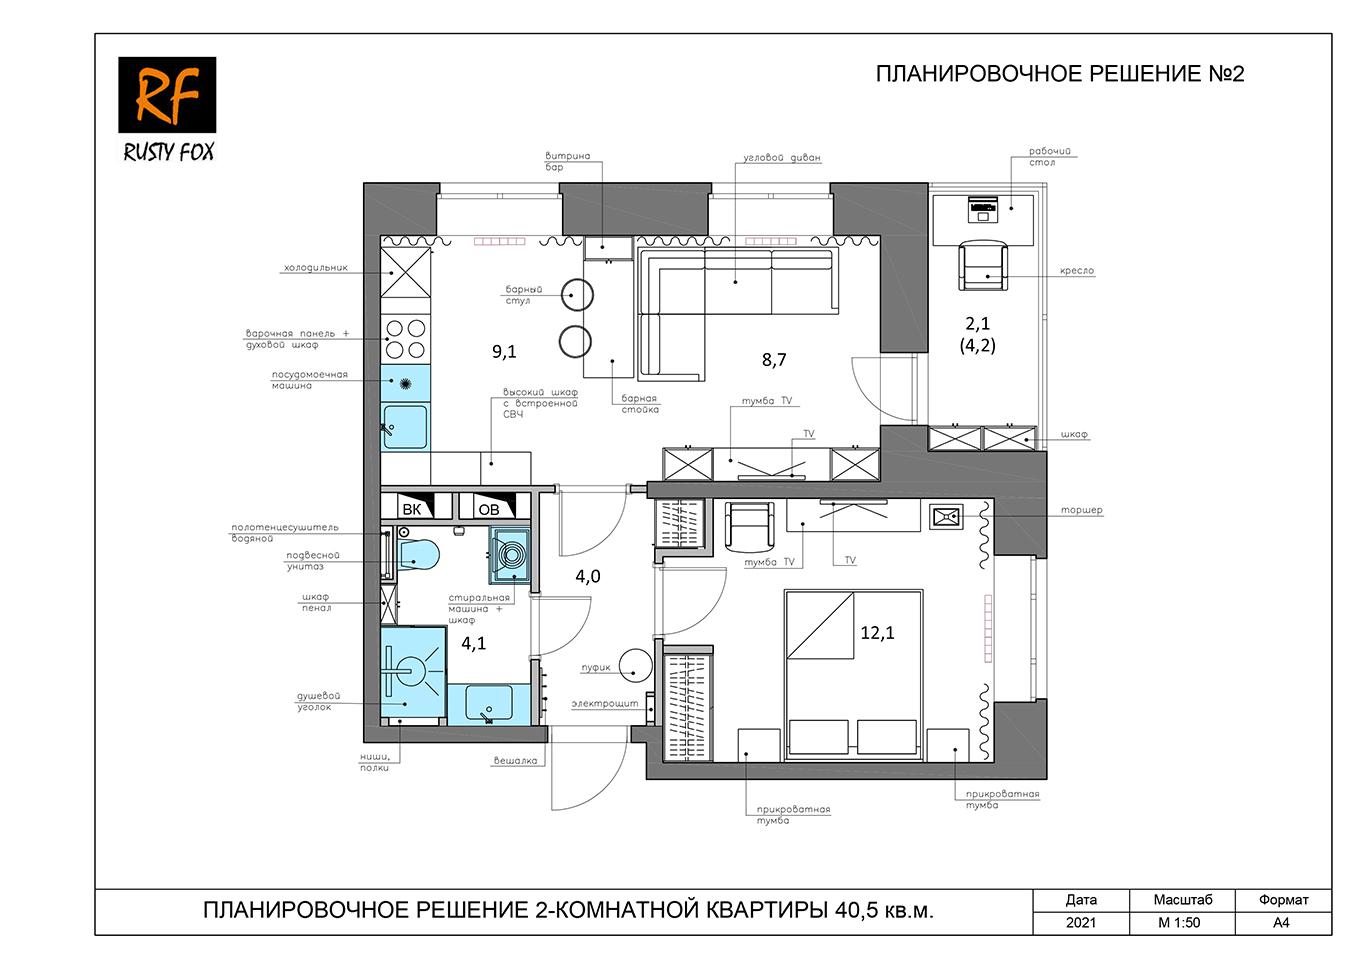 ЖК Люберцы корпус 52, секция 2. Планировочное решение №2 2-комнотная квартира 40,5 кв.м.